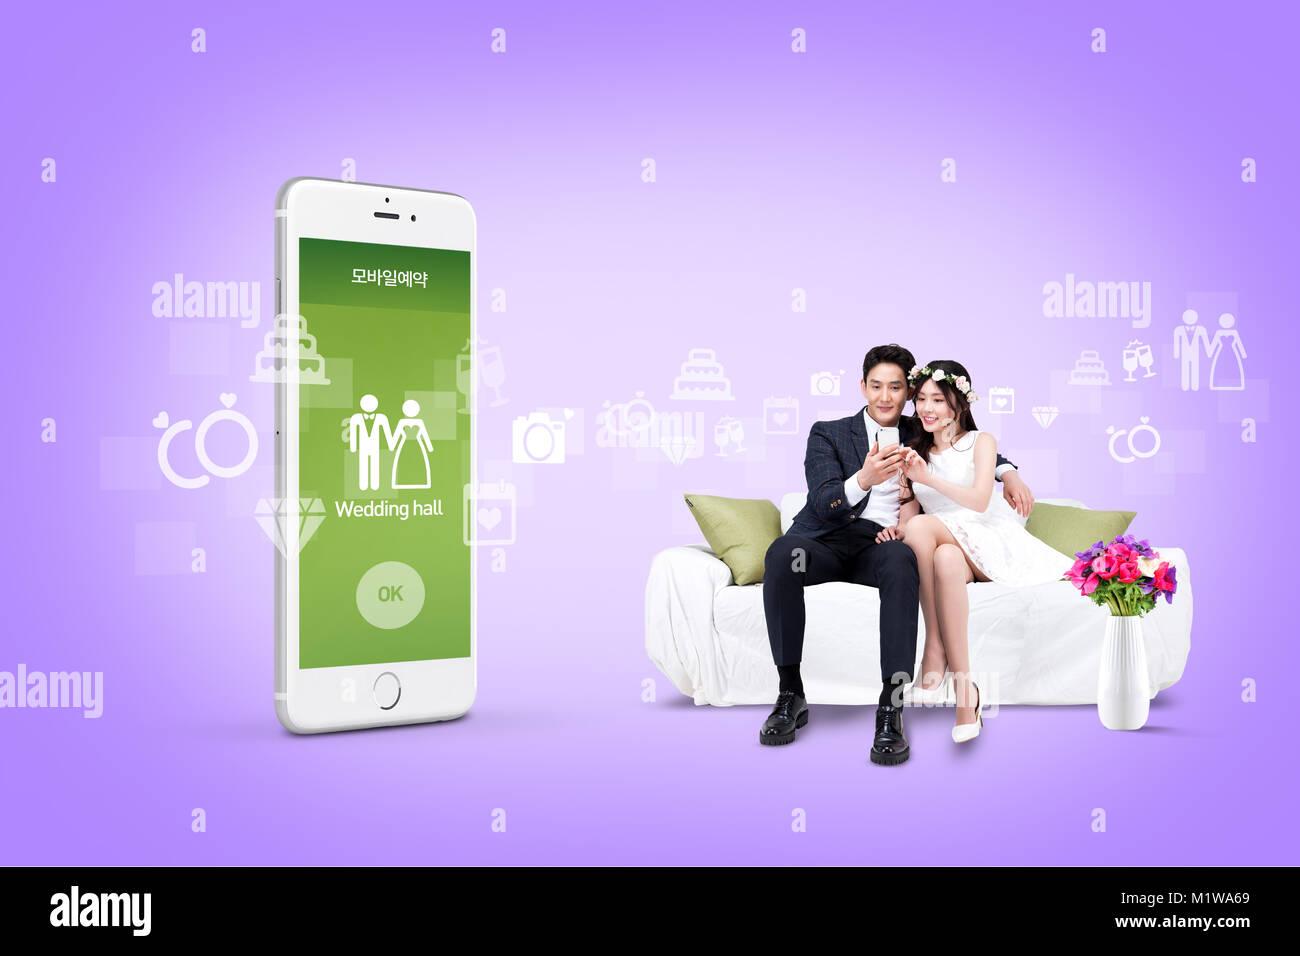 Abbildung - mobile Technologie, eng beziehen sich auf das alltägliche Leben. 006 Stockbild